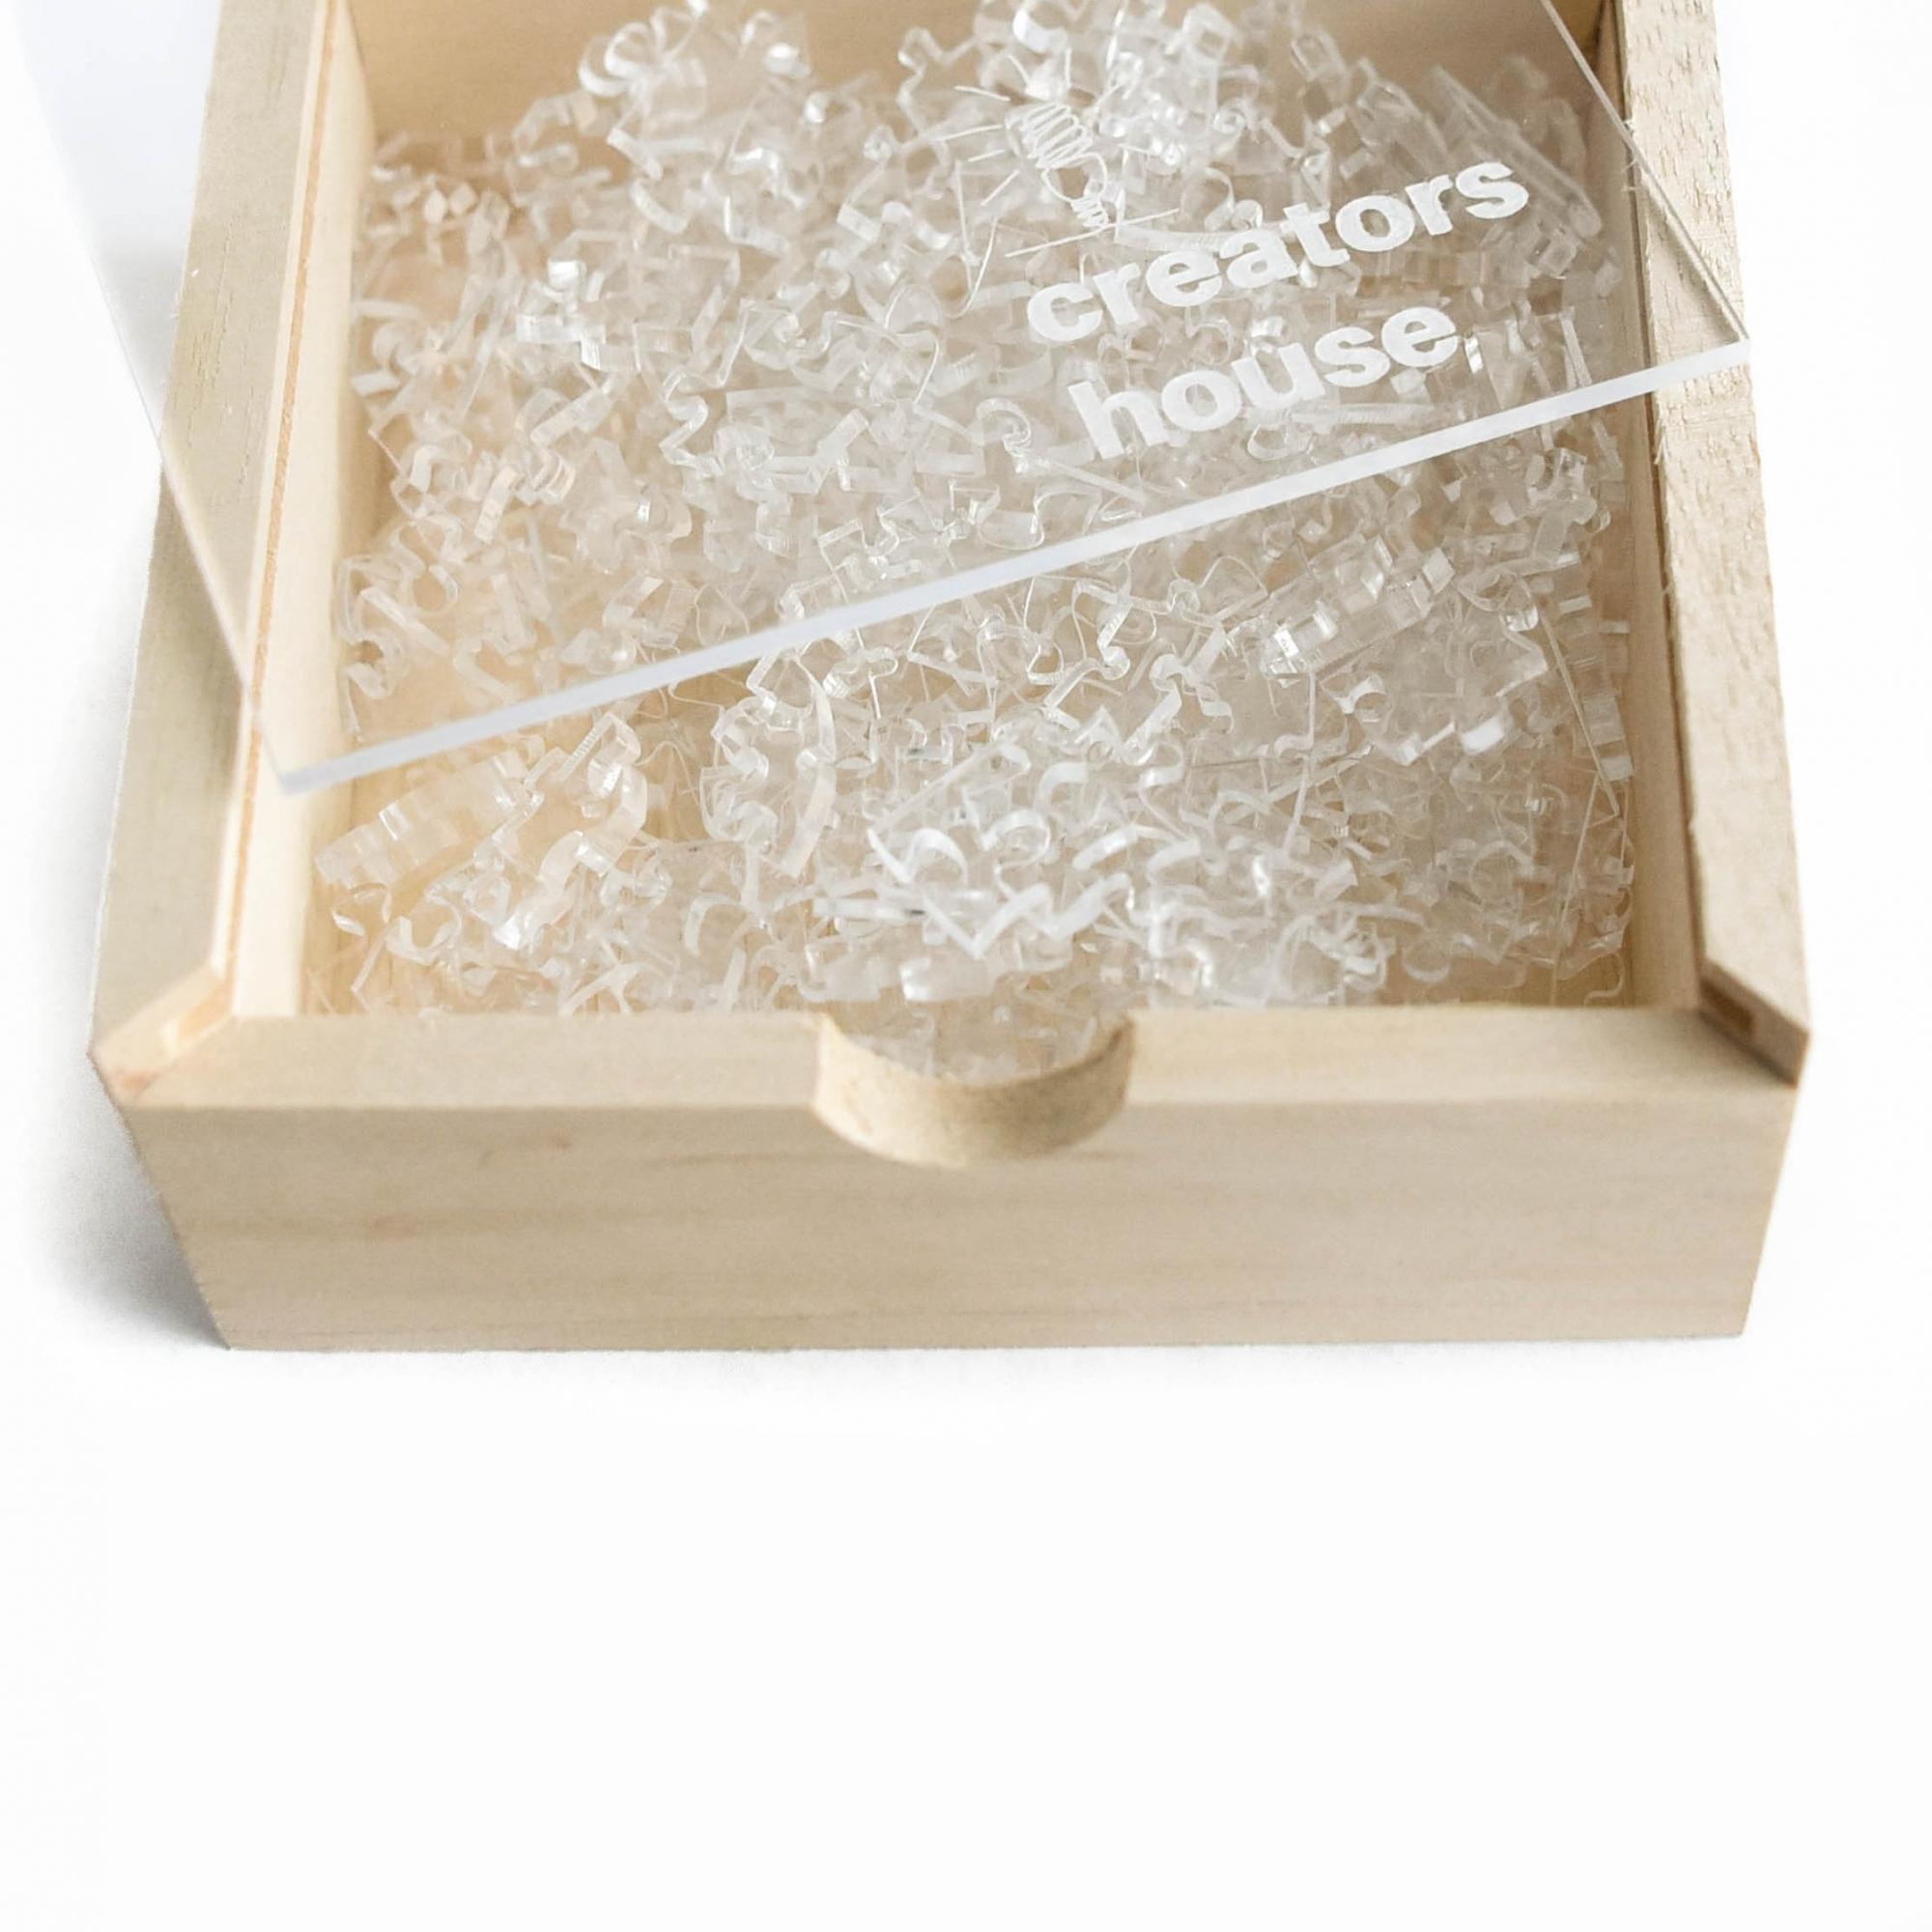 Quebra Cabeça Transparente Difícil  (120 Peças ) + Caixa